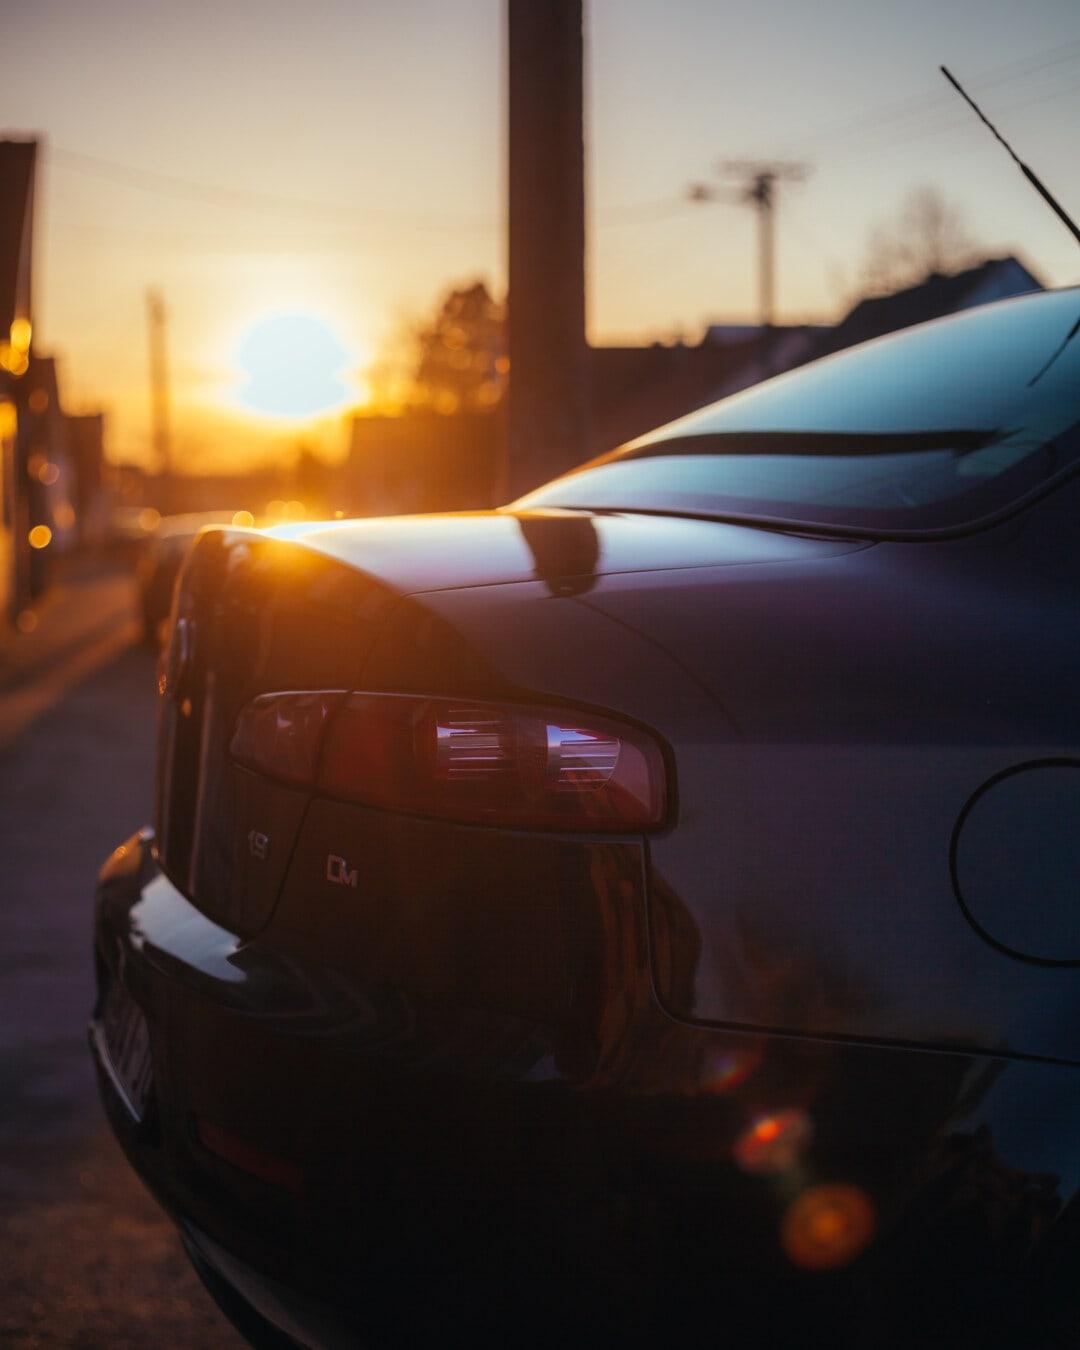 μοντέρνο, πολυτέλεια, αυτοκίνητο, προφυλακτήρας, ηλιαχτίδες, Ηλιακό φως, ηλιοβασίλεμα, με οπίσθιο φωτισμό, αυτοκίνητο, μεταφορές